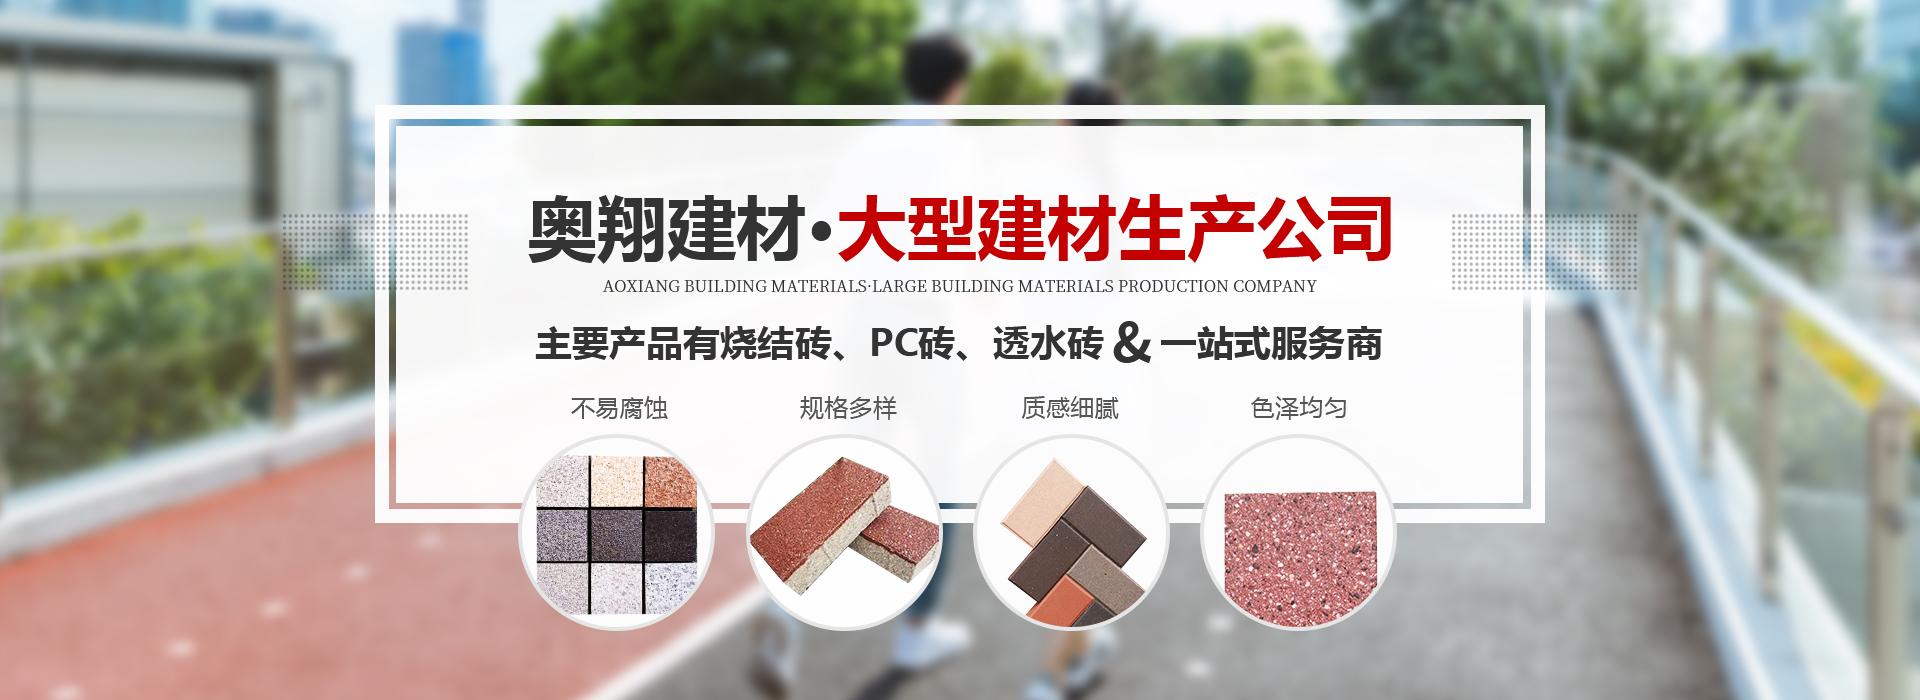 淄博奥翔建材有限公司是一家生产烧结砖、透水砖、pc砖的厂家,规格多样尺寸齐全